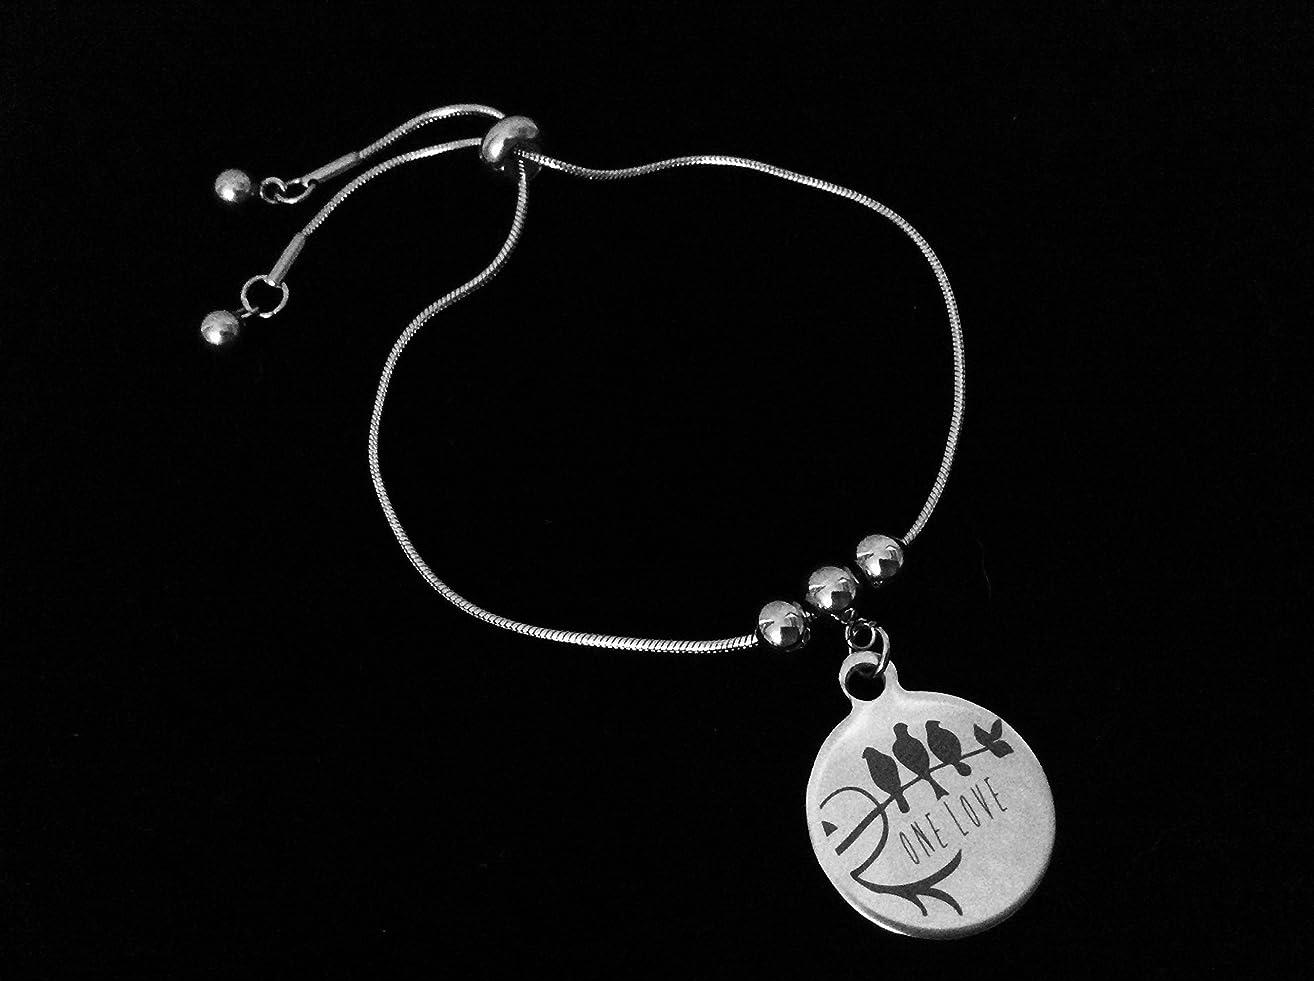 One Love 3 Little Birds Bolo Bracelet Stainless Steel Adjustable Bracelet Slider Charm Bracelet Gift One Size Fits All